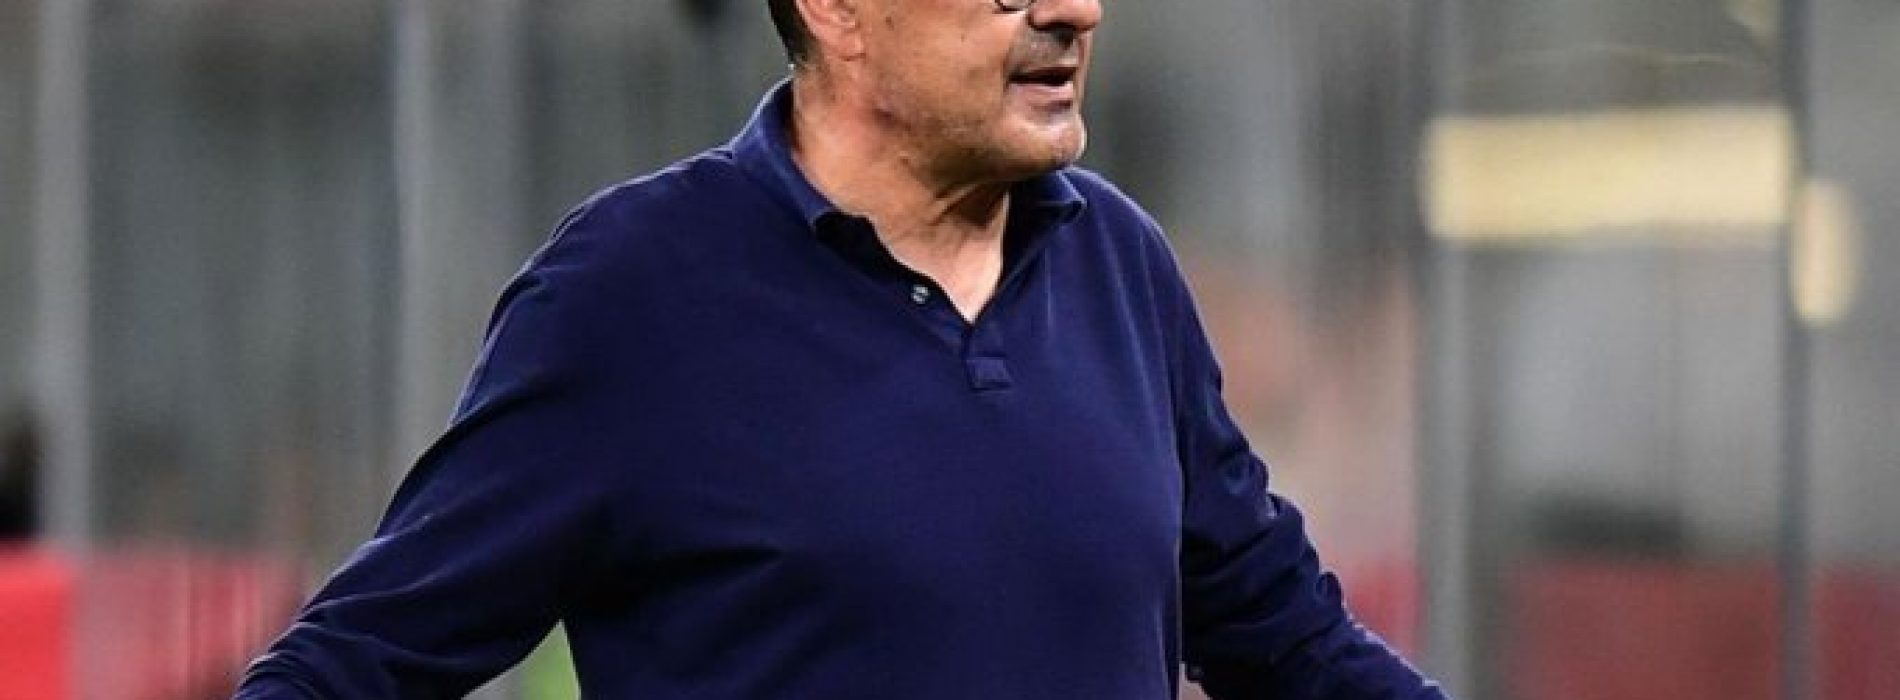 La Fiorentina ha scelto Sarri: Pradè e Barone a cena da lui per convincerlo